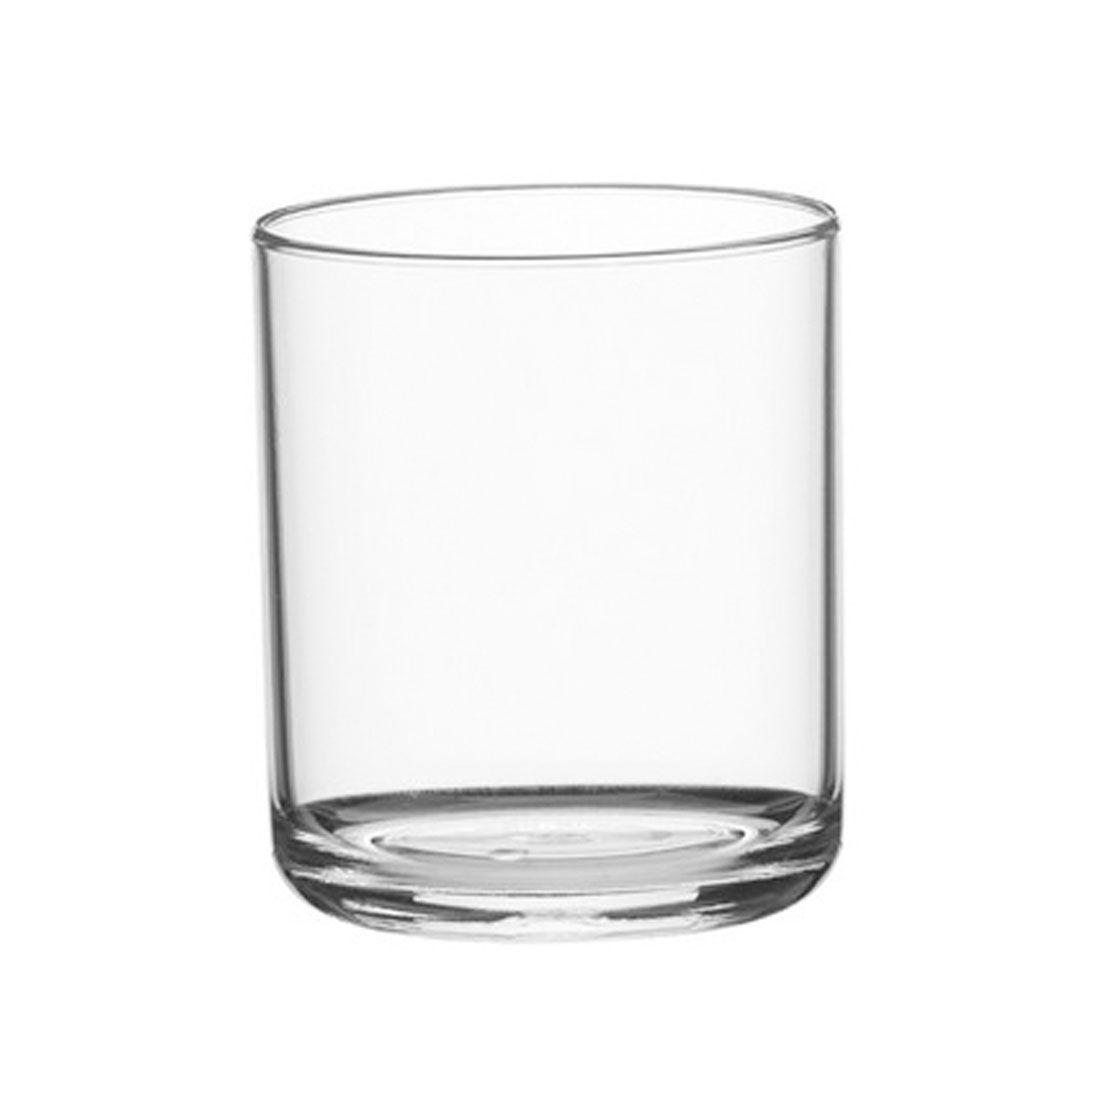 Copo 350Ml para Drink de Acrílico